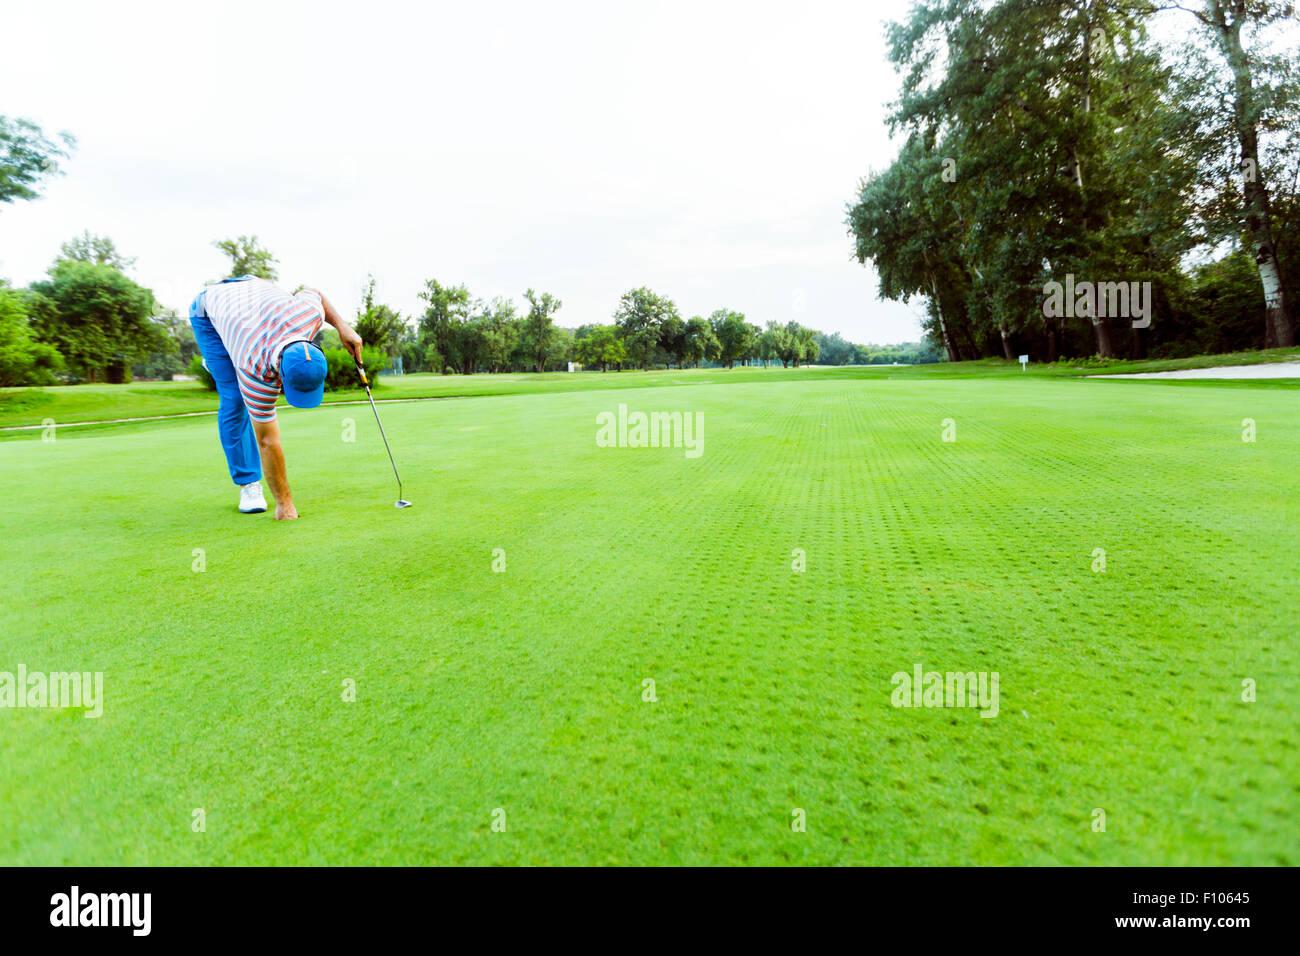 El golfista de recuperar la bola de los agujeros de un bonito curso Imagen De Stock